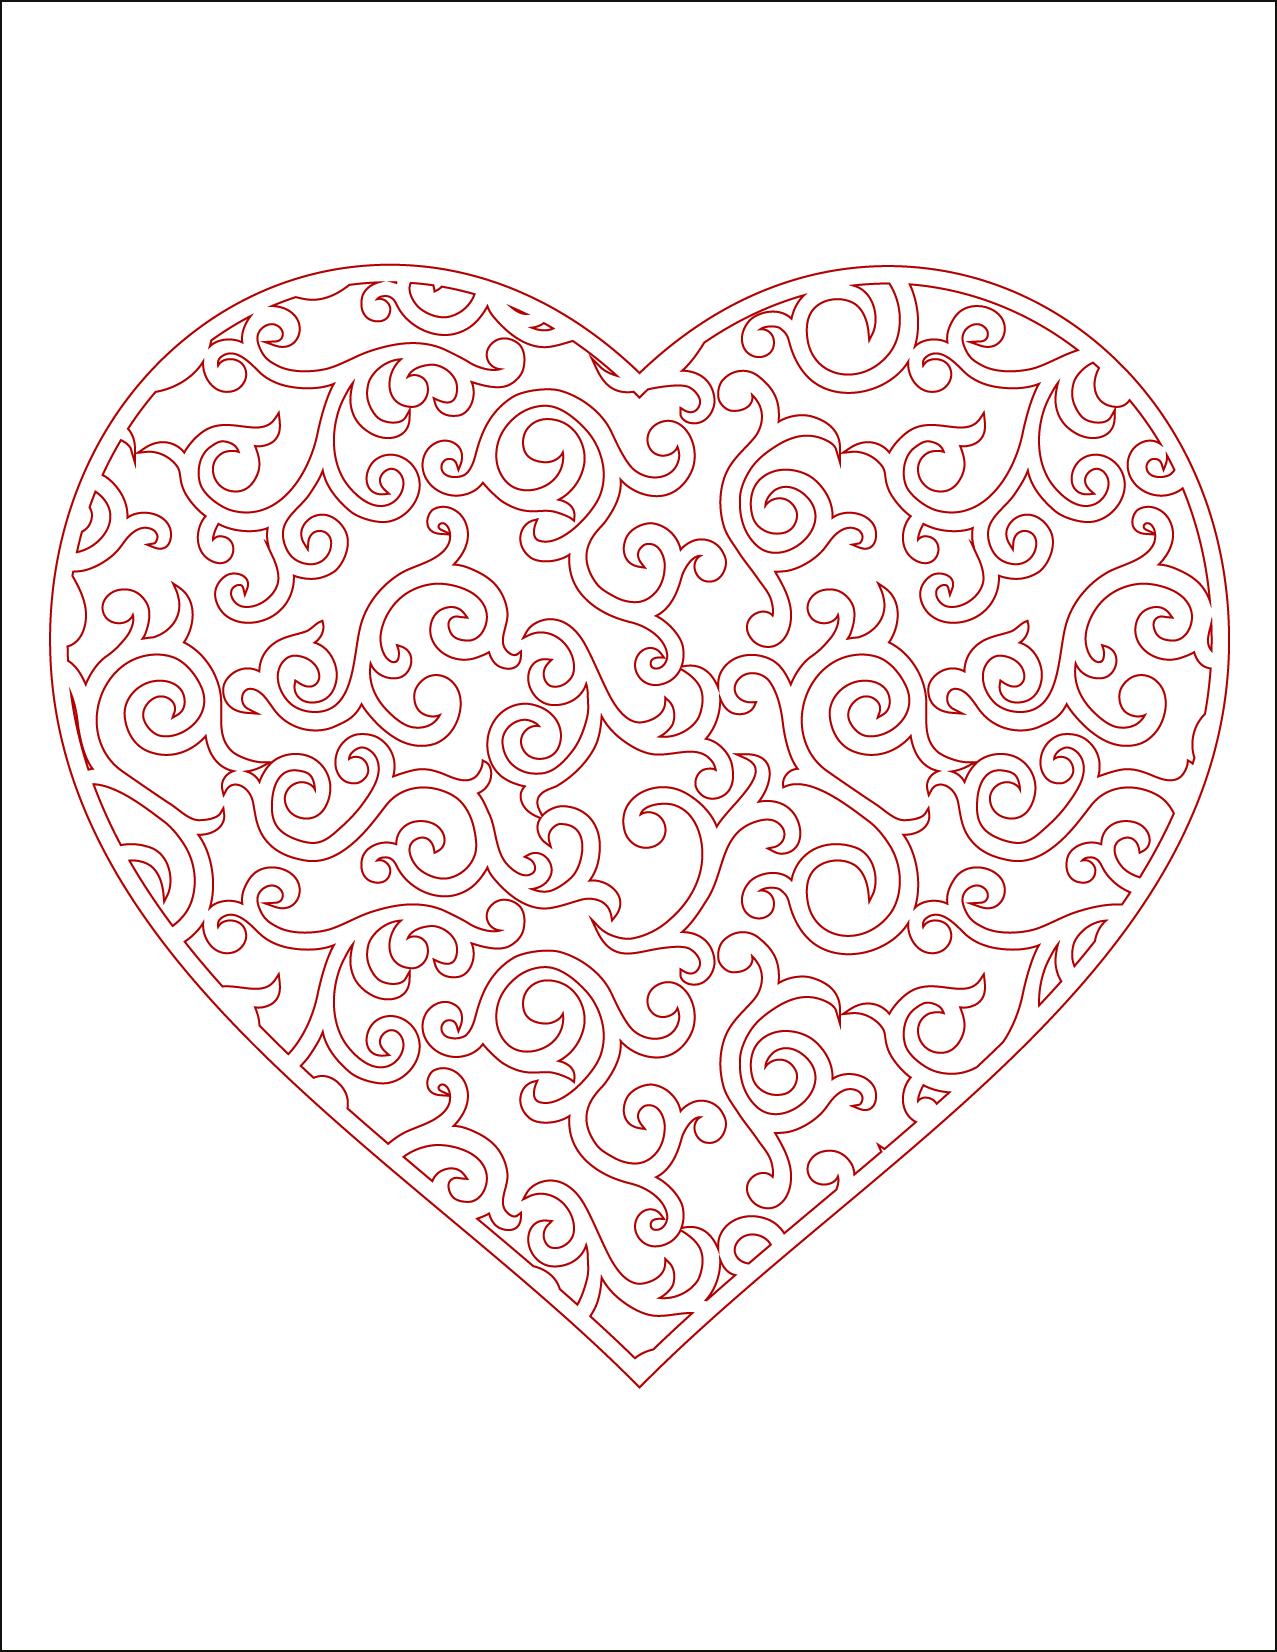 Coeur imprimer en couleur carte st valentin - Image de coeur a imprimer ...